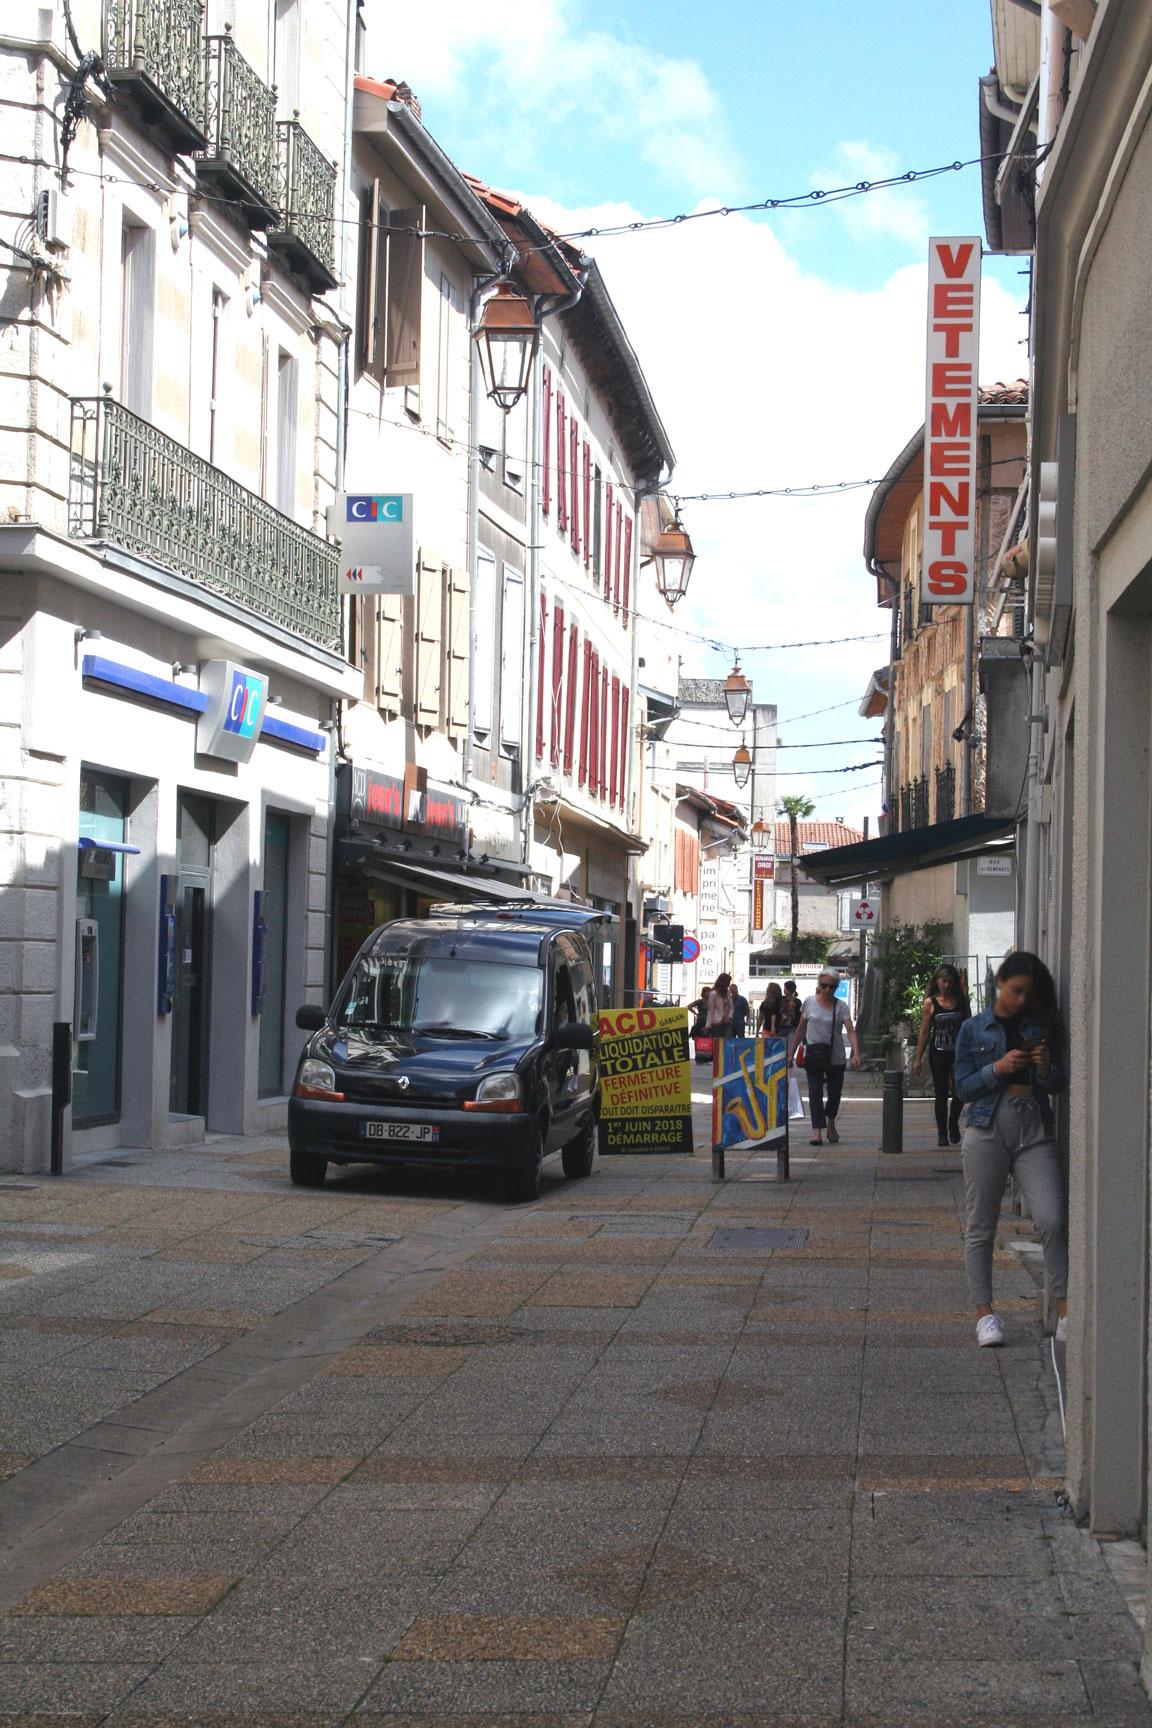 commerces-rue-mathe1-web